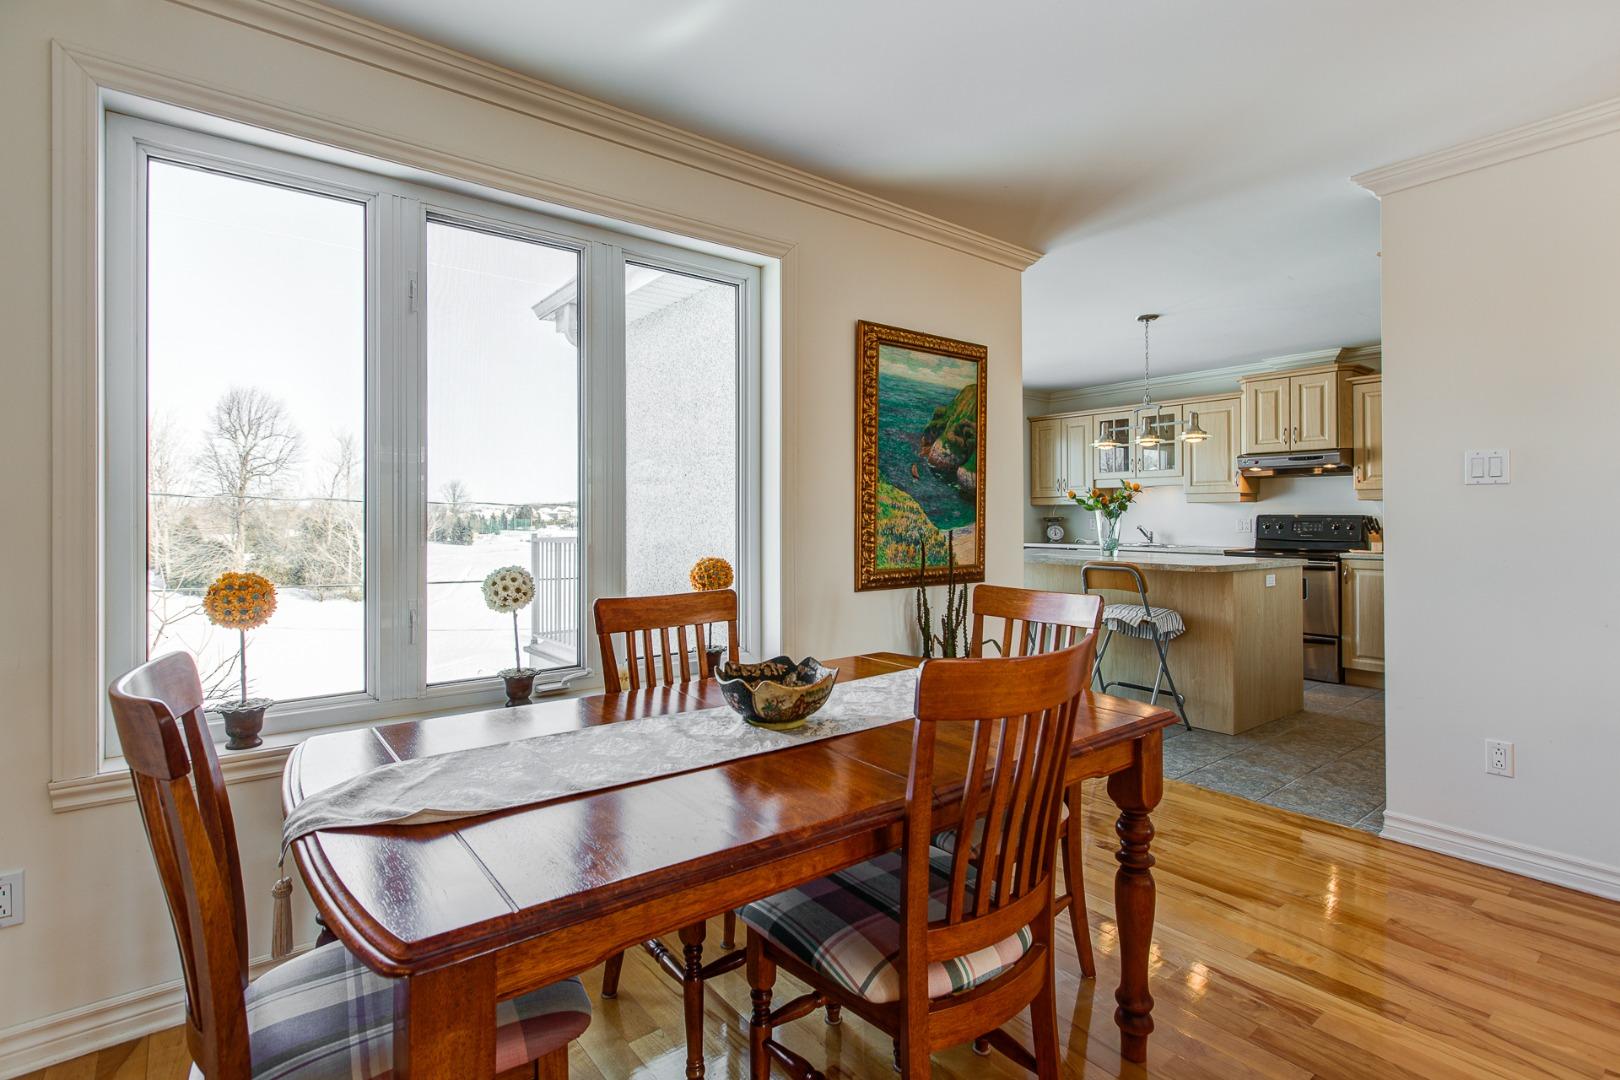 Maison à vendre Laval Fabreville - Salle à manger